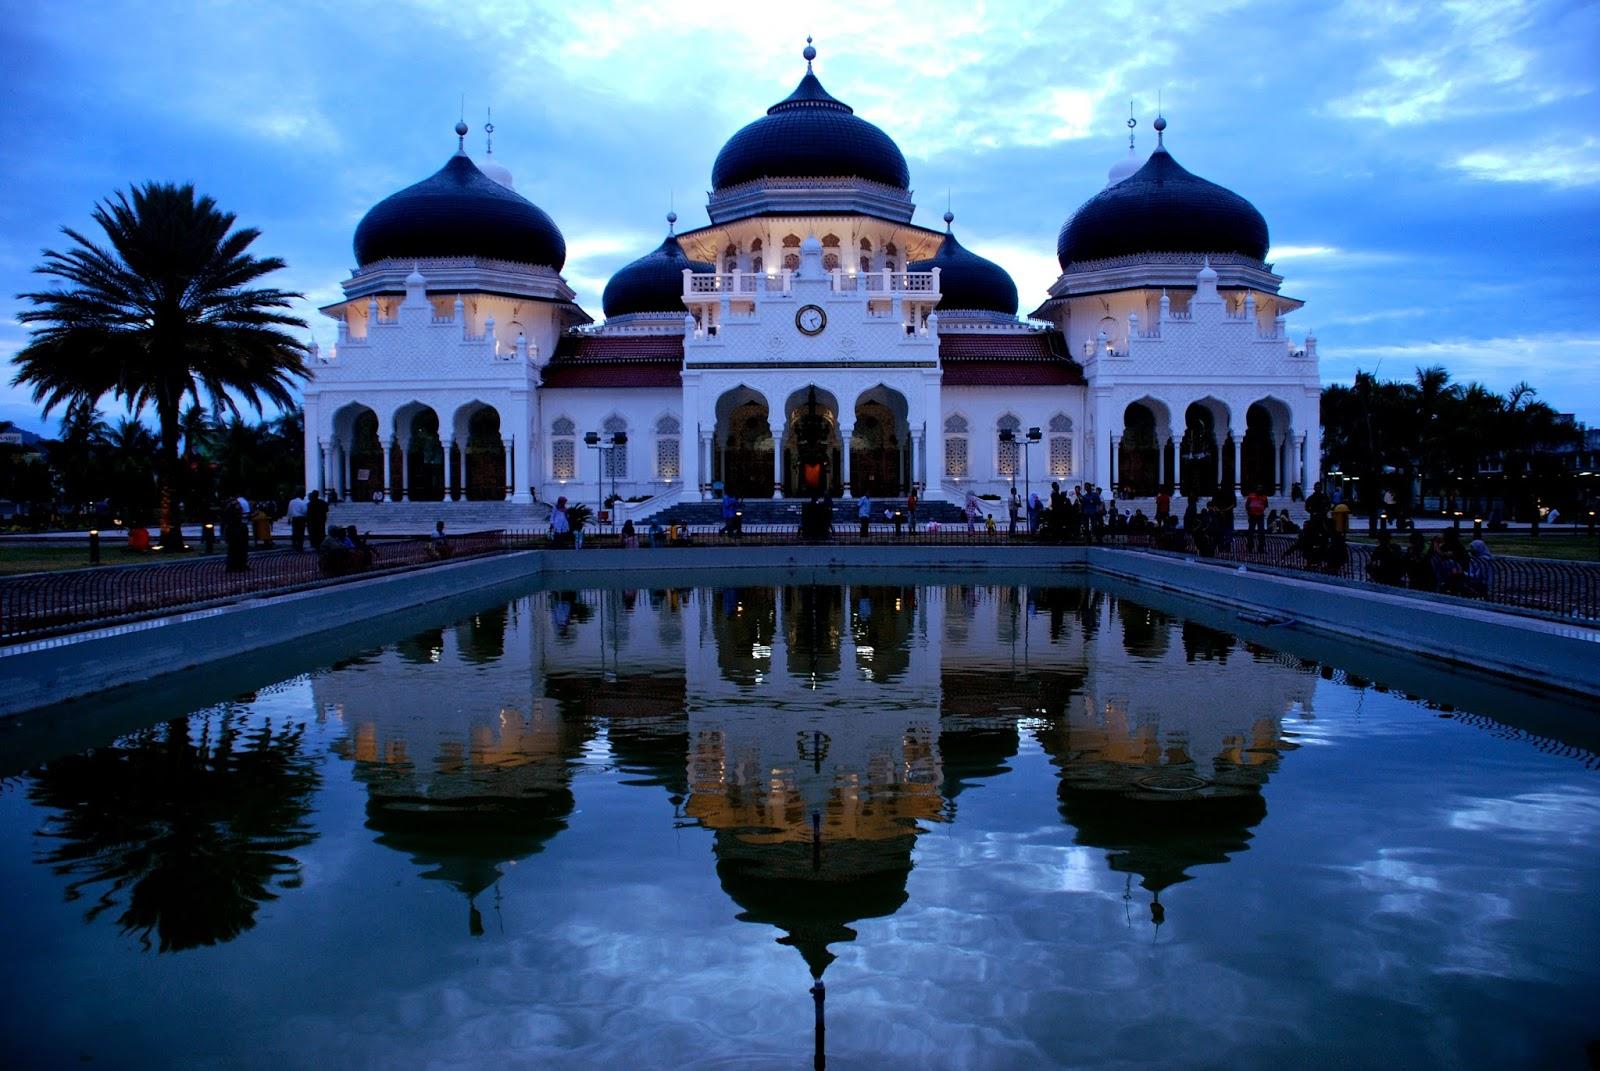 Palacio Mesjid (Masjid) Raya Baiturrahman